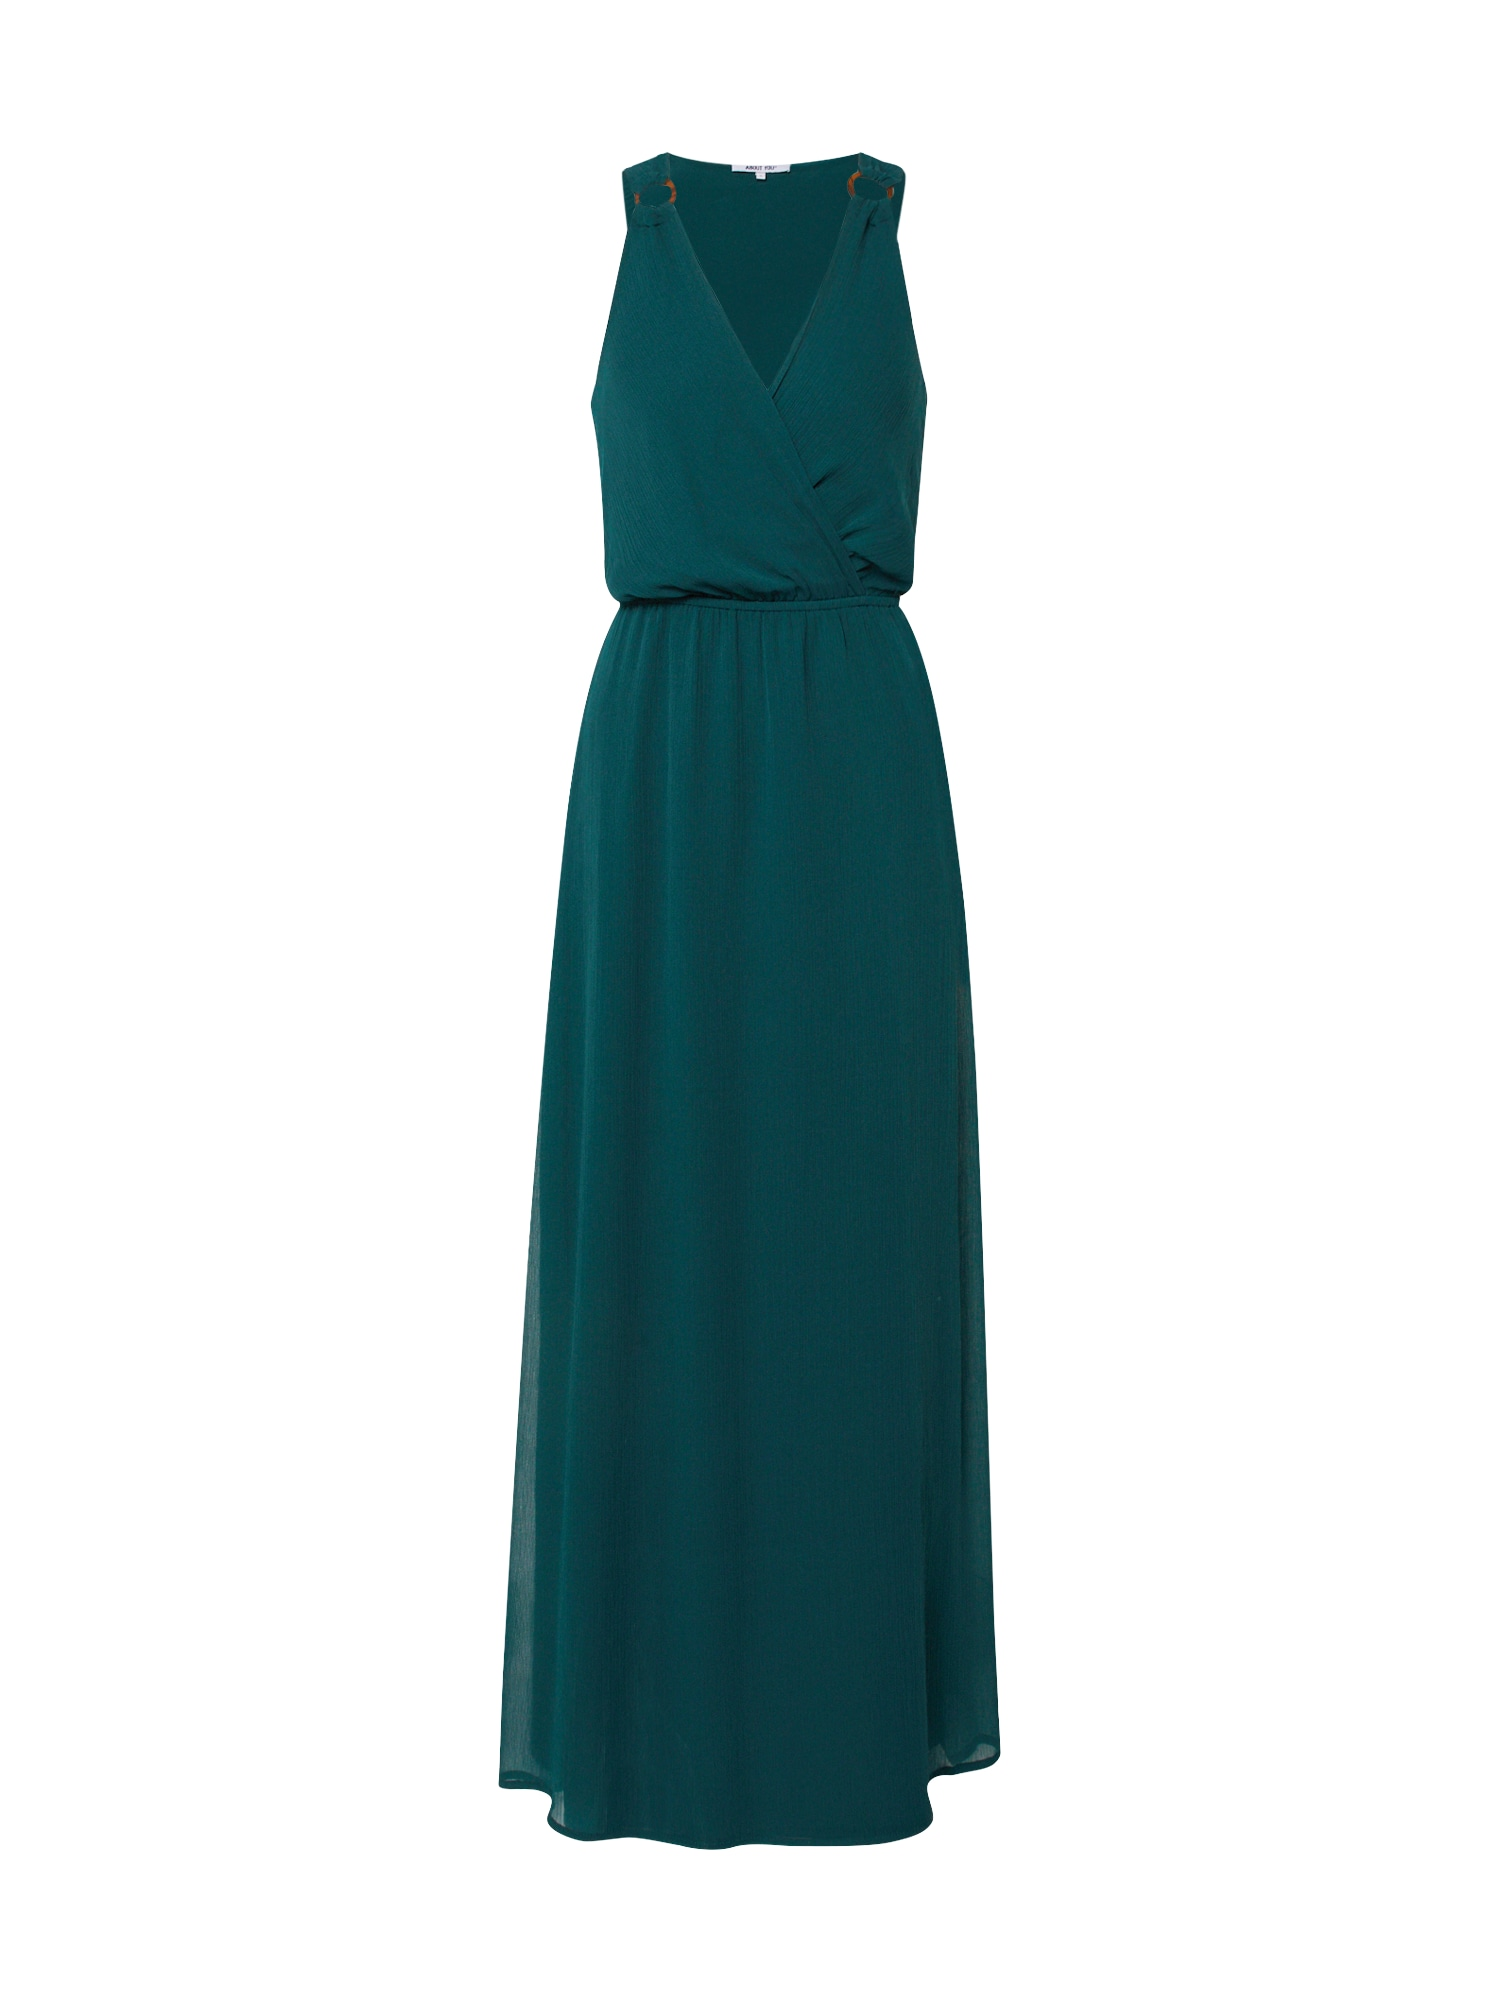 ABOUT YOU Vakarinė suknelė 'Cora' smaragdinė spalva